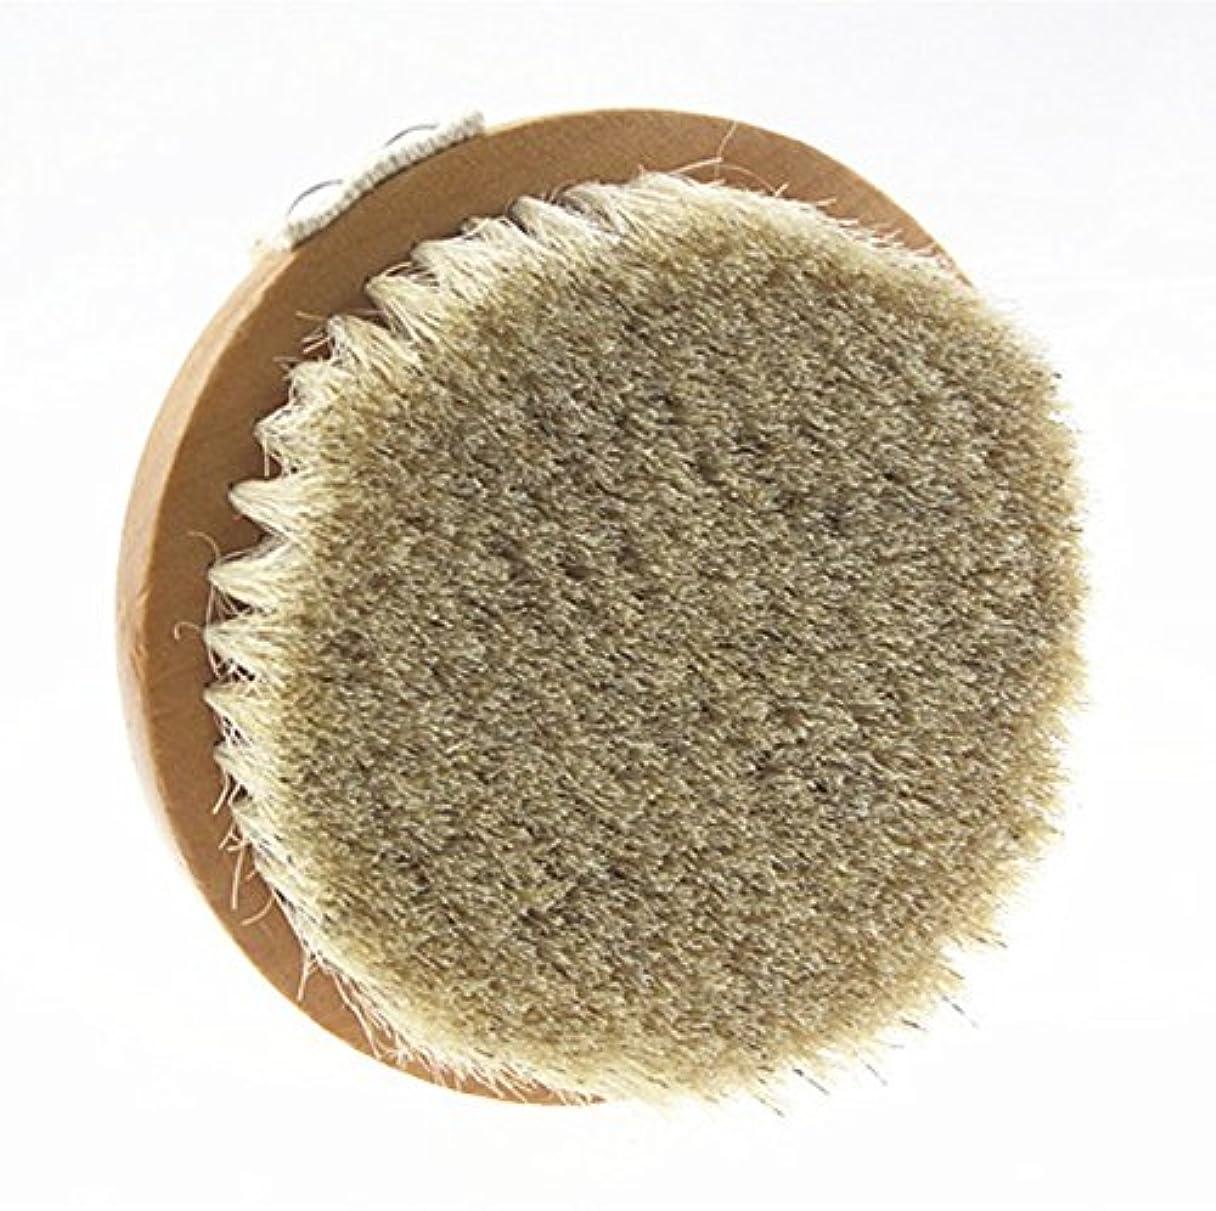 アンペア若者有益なSweetimes ボディブラシ 丸型 高級な馬毛100% 角質除去 バス用品 天然素材 低刺激 No.20-1